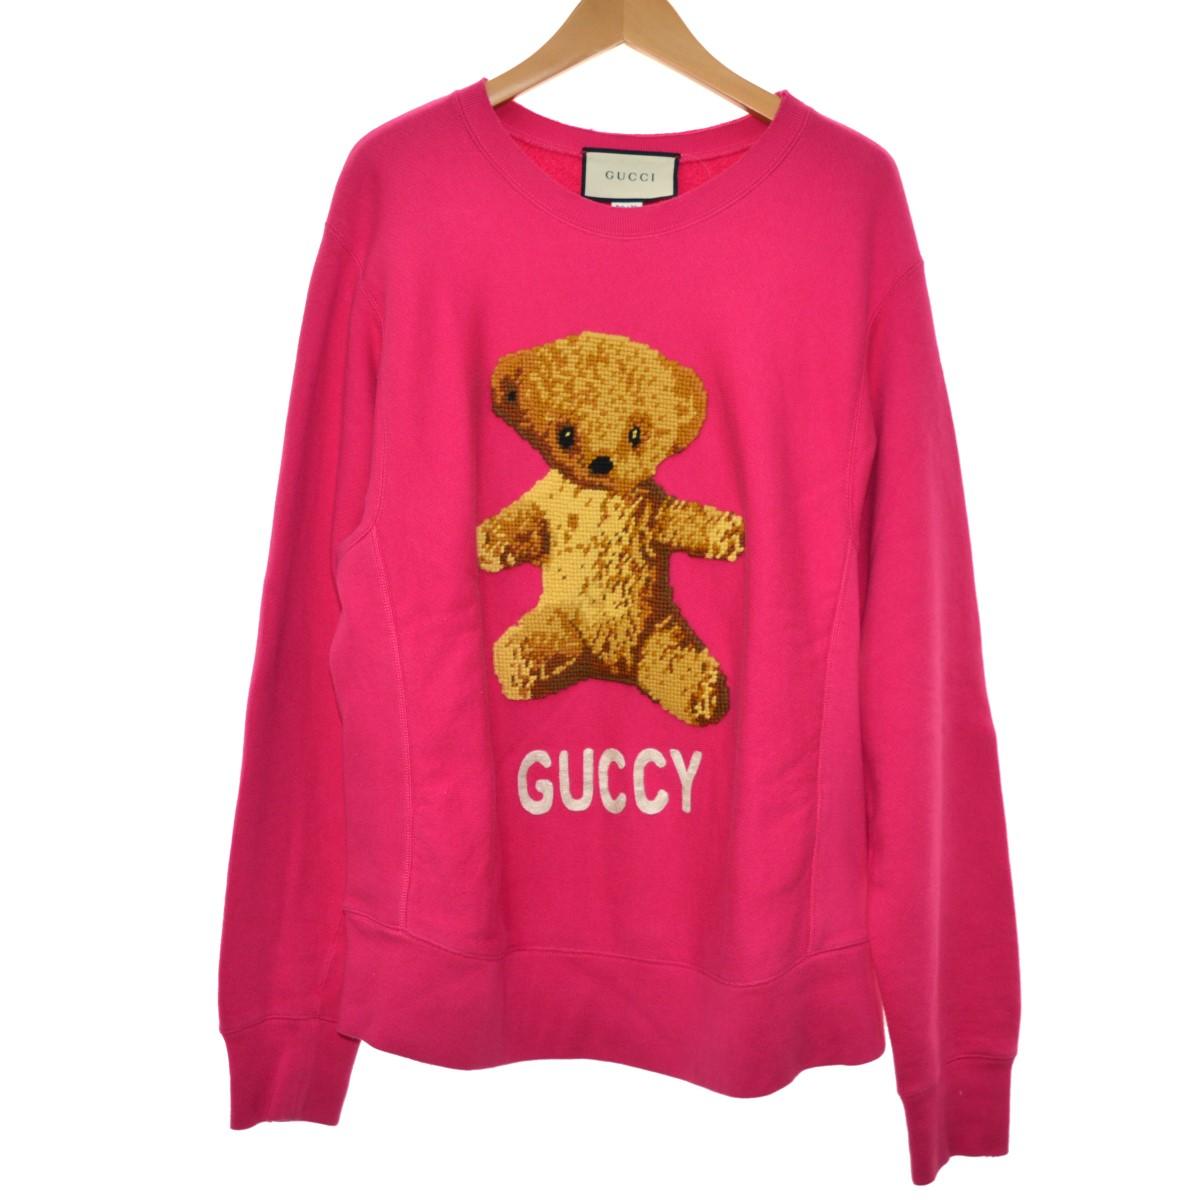 【中古】GUCCI 17SS Cotton sweatshirt with teddy bear テディベアスウェット ピンク サイズ:S 【220420】(グッチ)